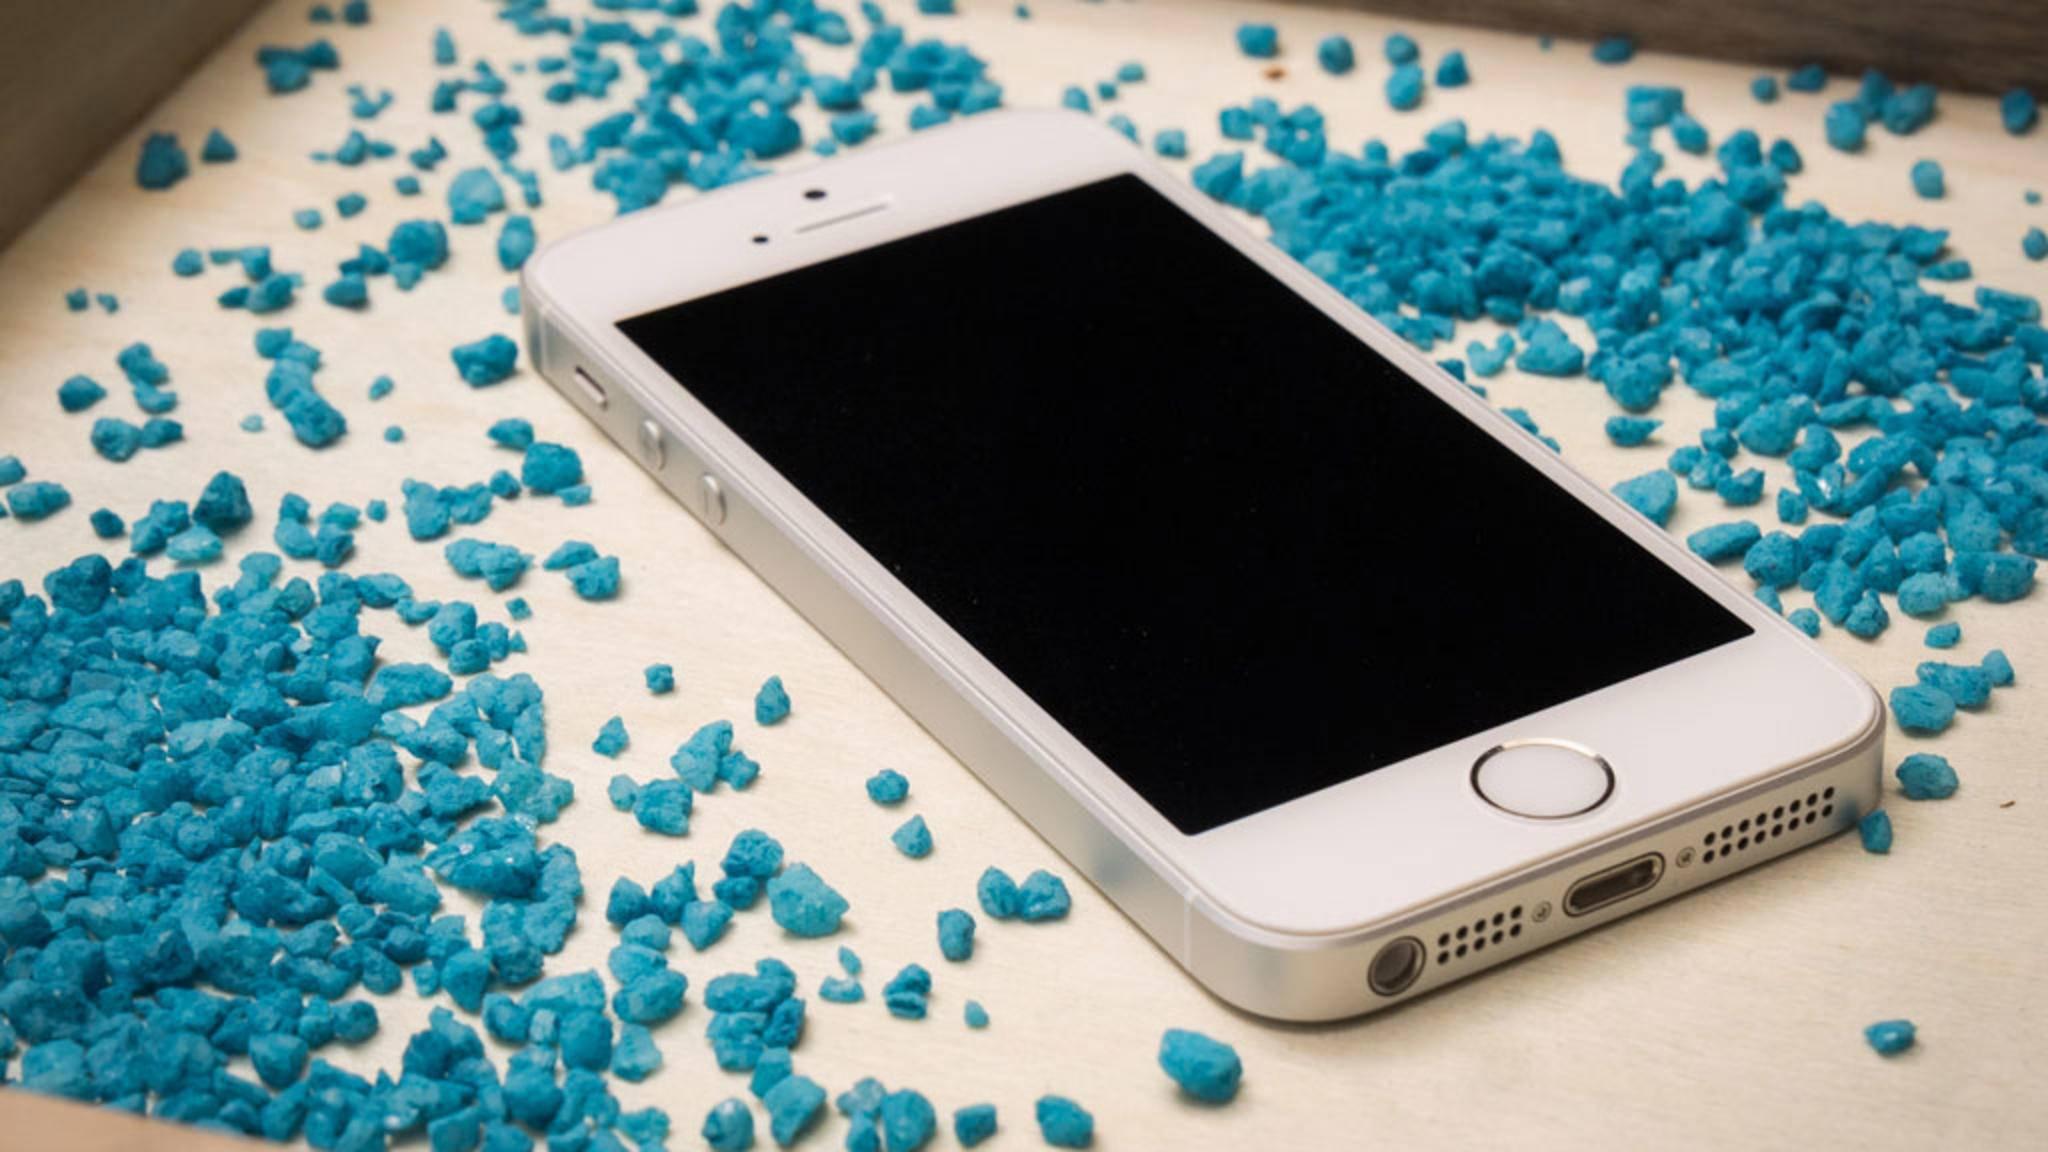 Das iPhone SE könnte es bald mit 128 GB Speicher zu kaufen geben.